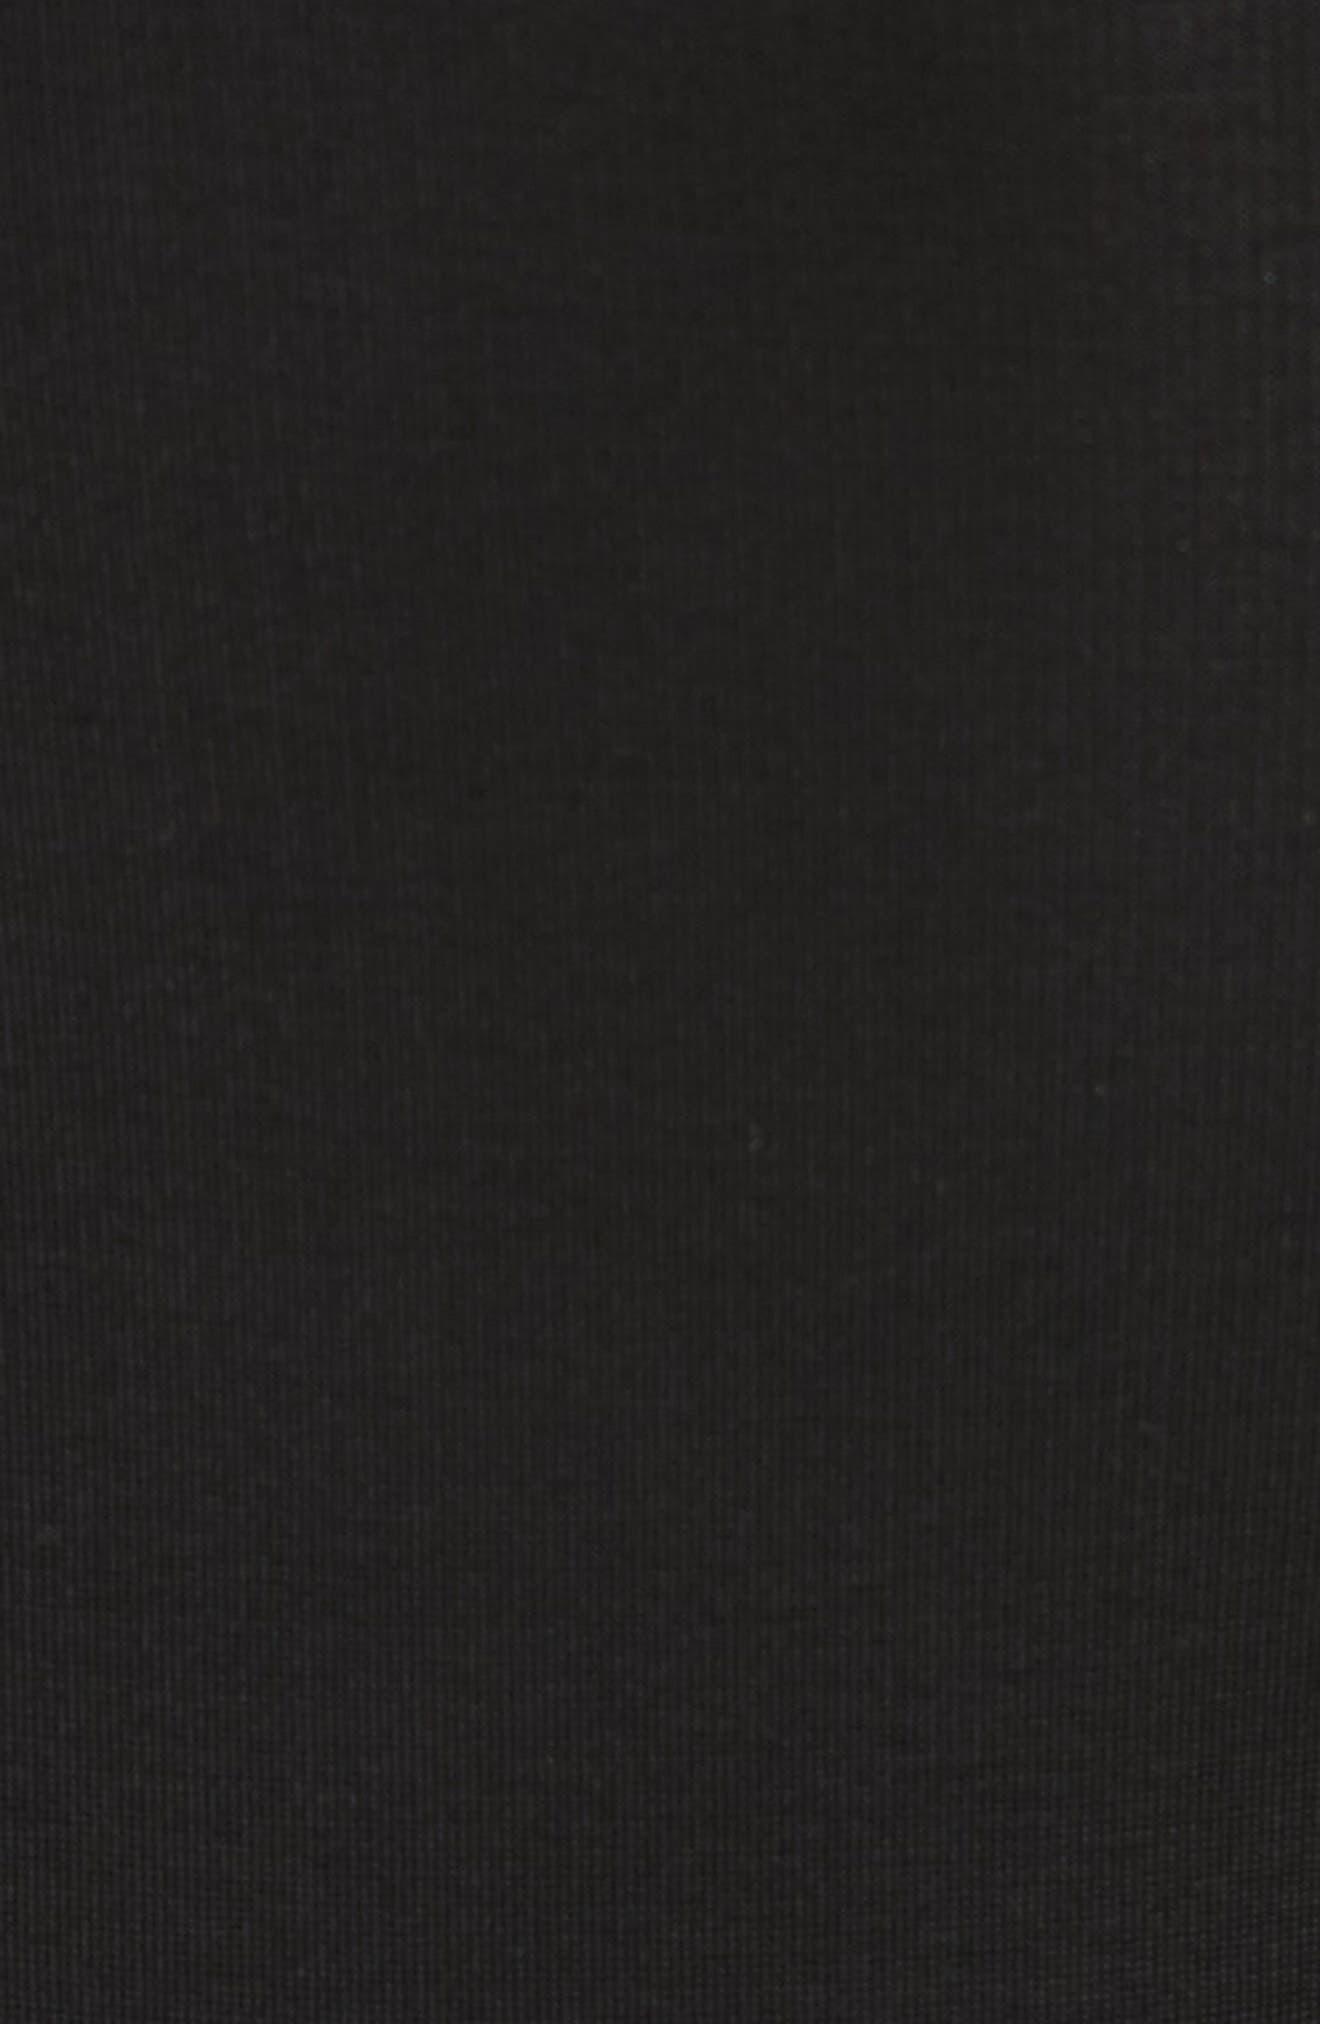 Fallon Slit Skirt Jersey Maxi Dress,                             Alternate thumbnail 5, color,                             001